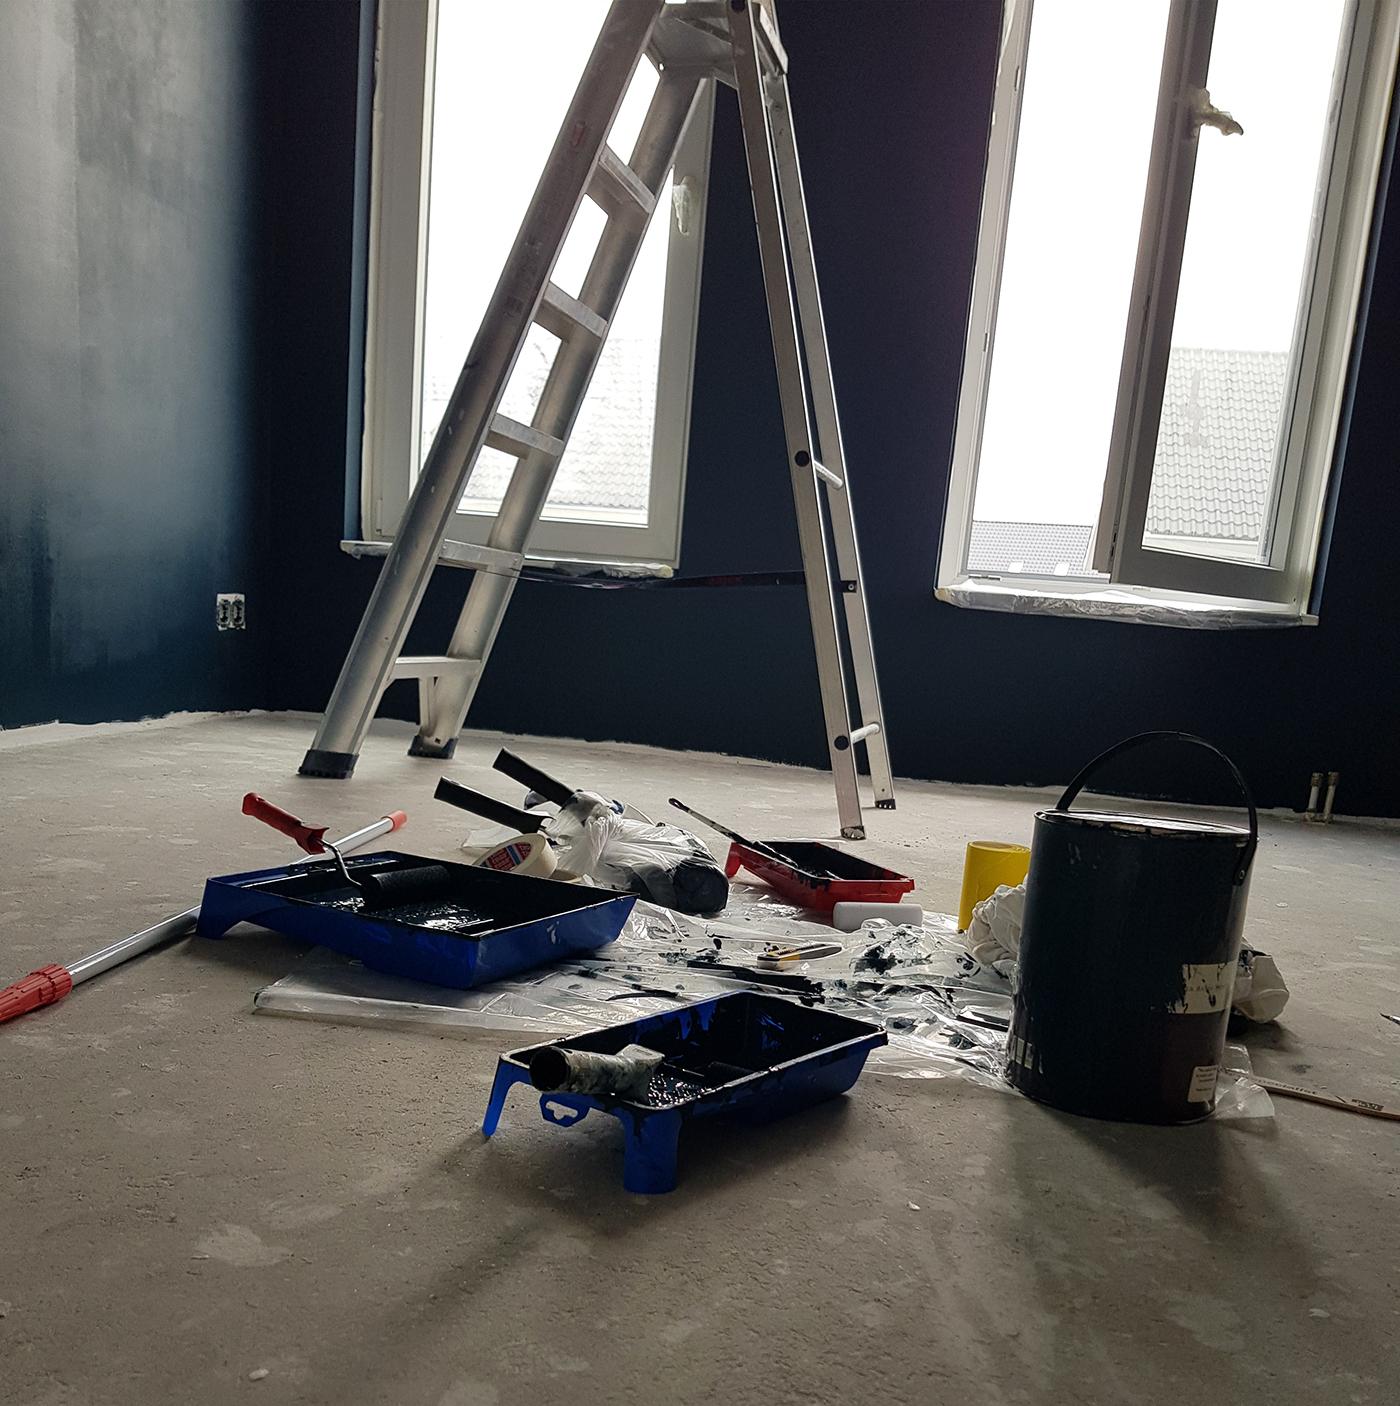 Wij bouwen een huis - deel 5